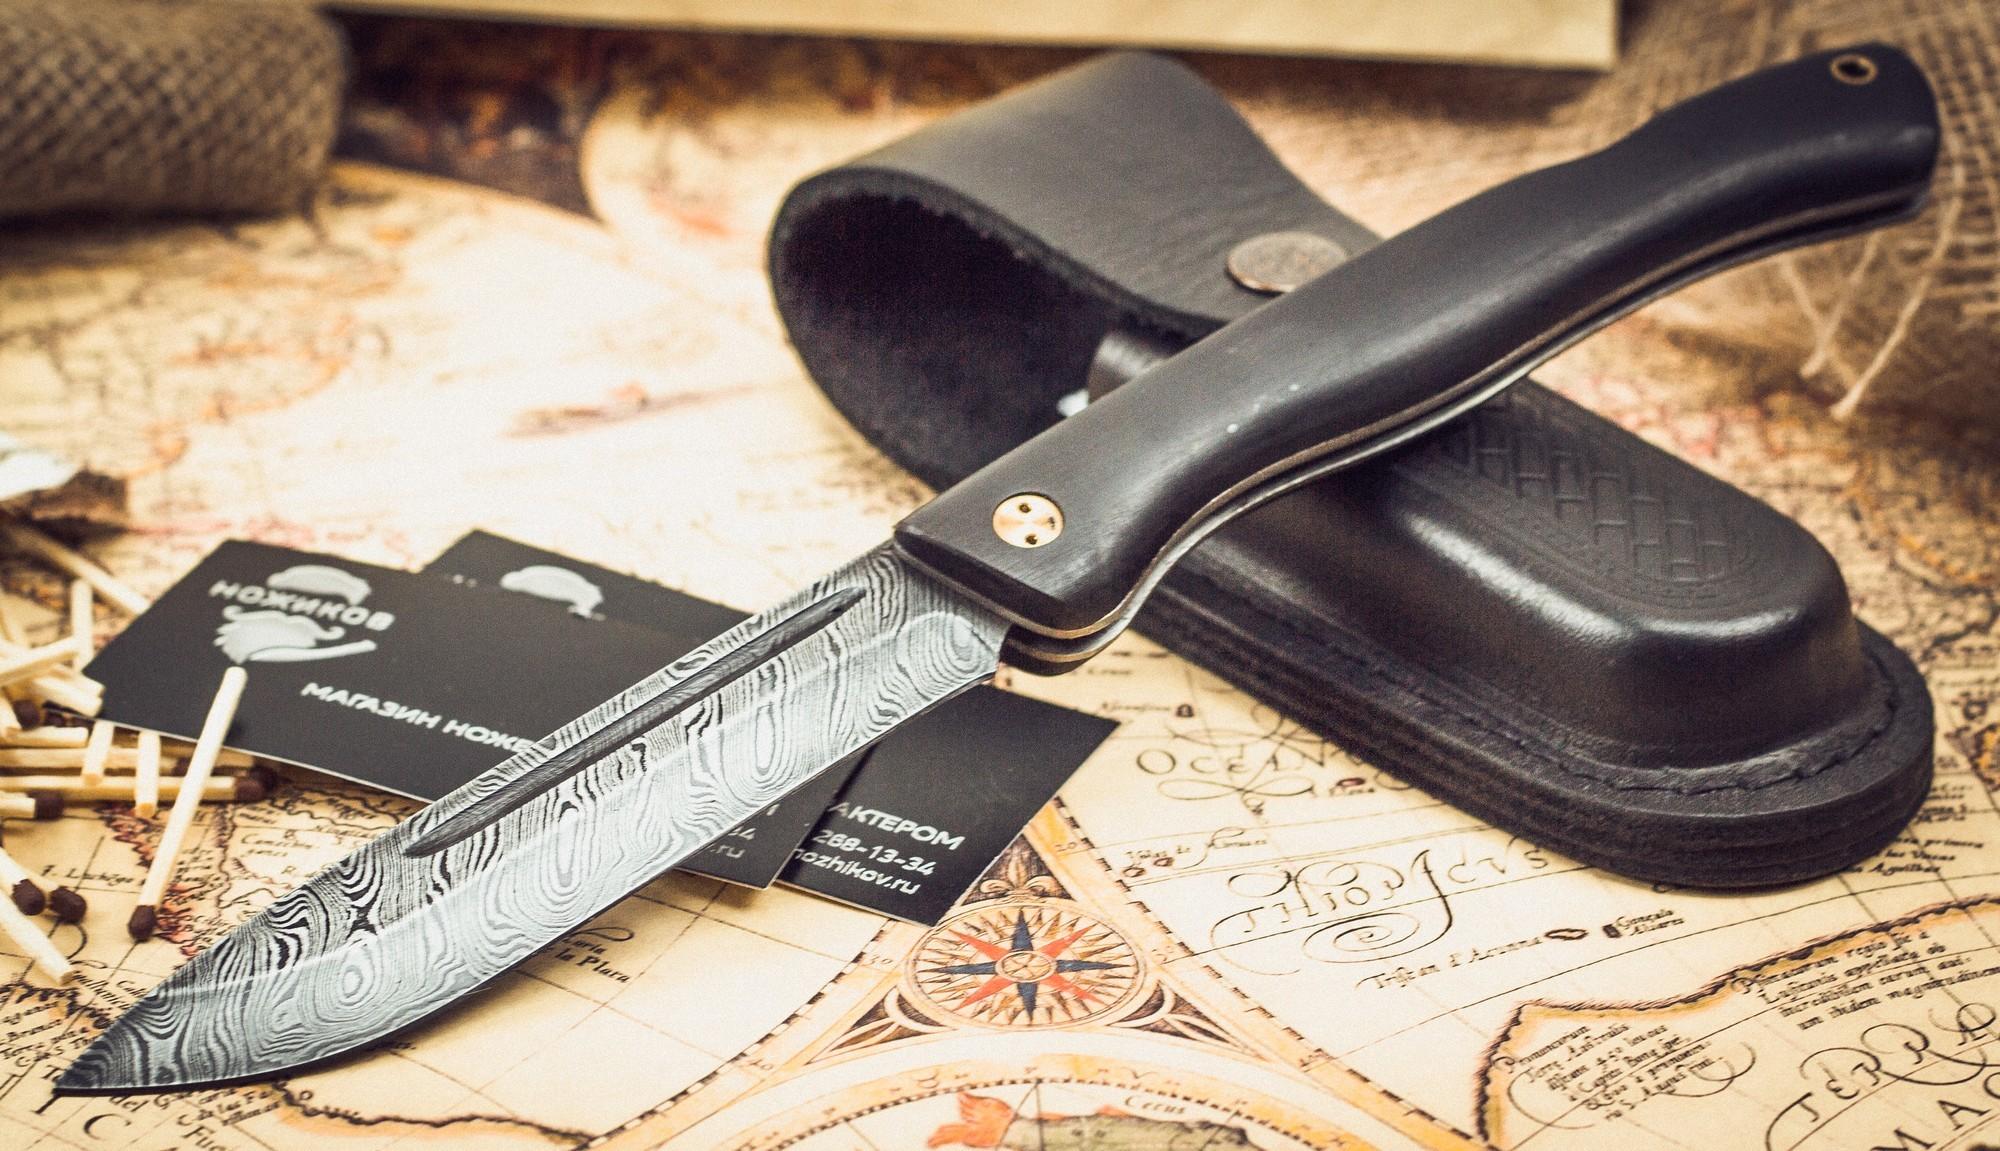 Складной нож Лесничий, дамаск, граб складной нож ловкий сталь дамаск граб